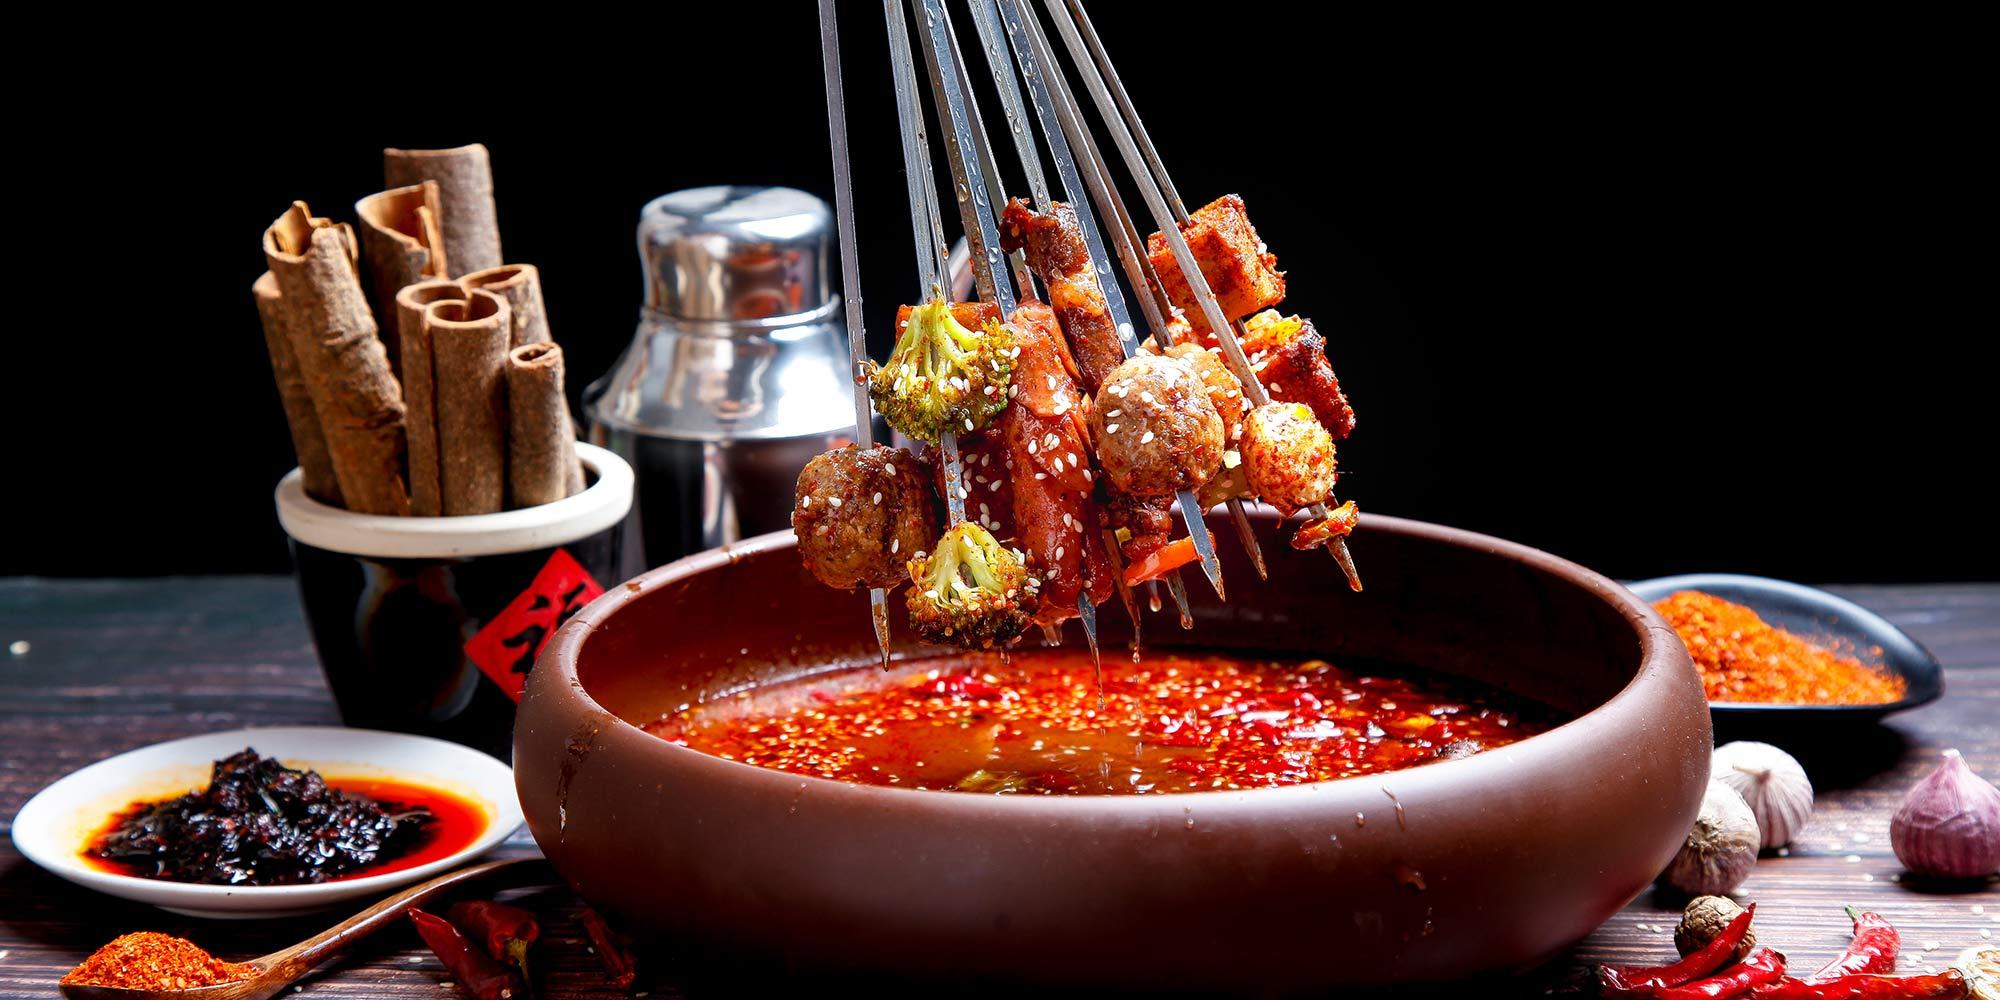 火鍋必點的四道菜,少了一樣都不行,你的最愛是?